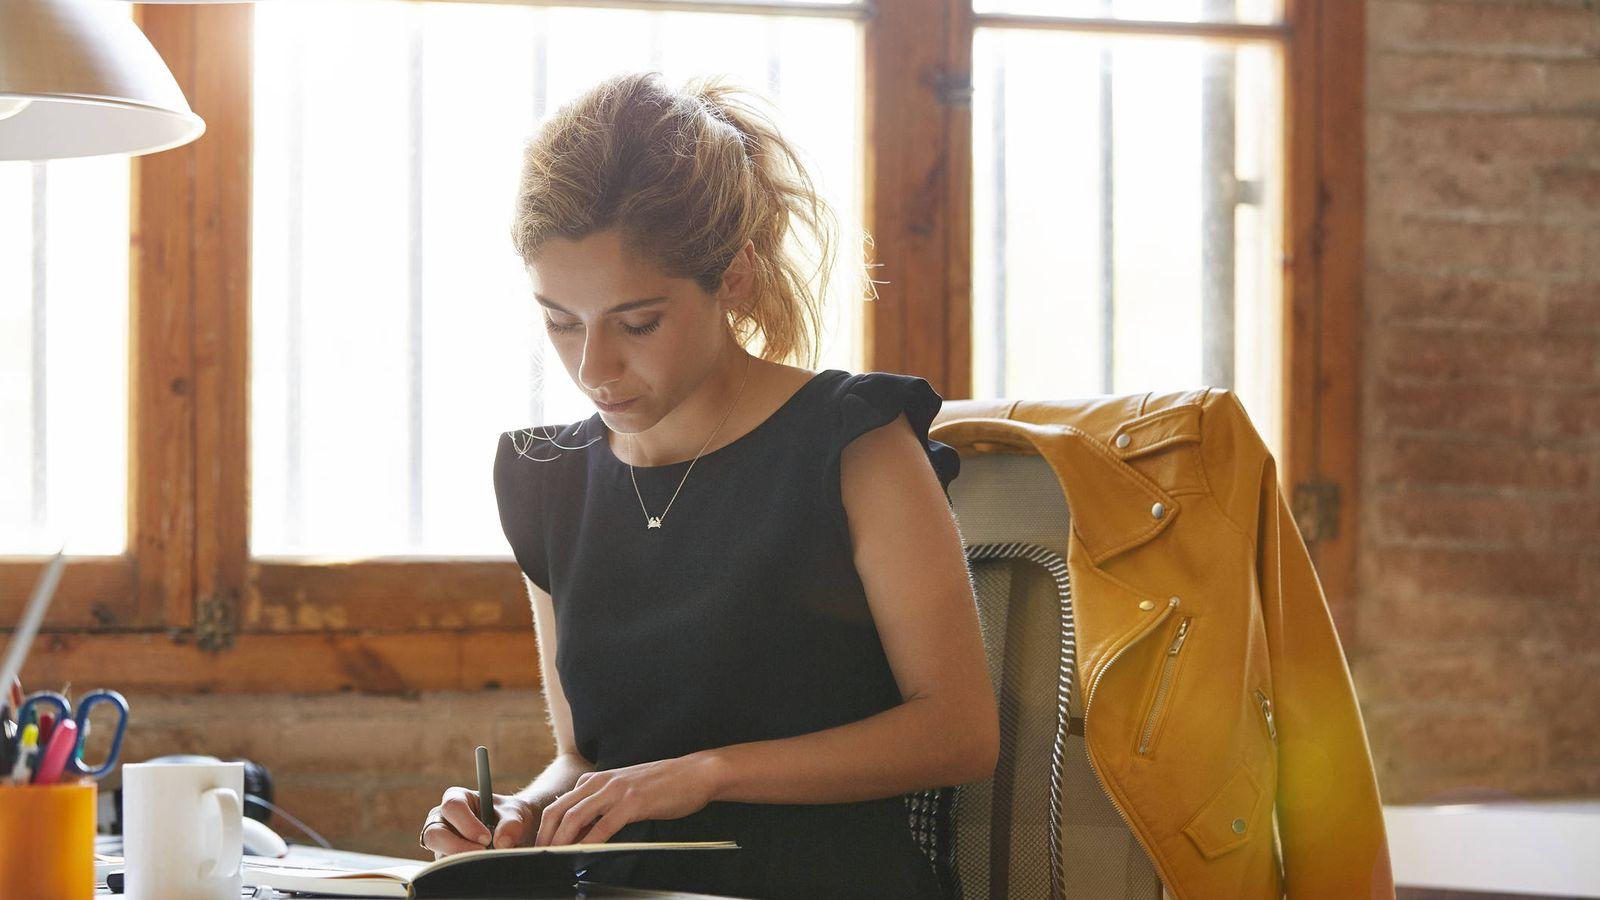 Los trucos más efectivos para concentrarte al máximo en el trabajo